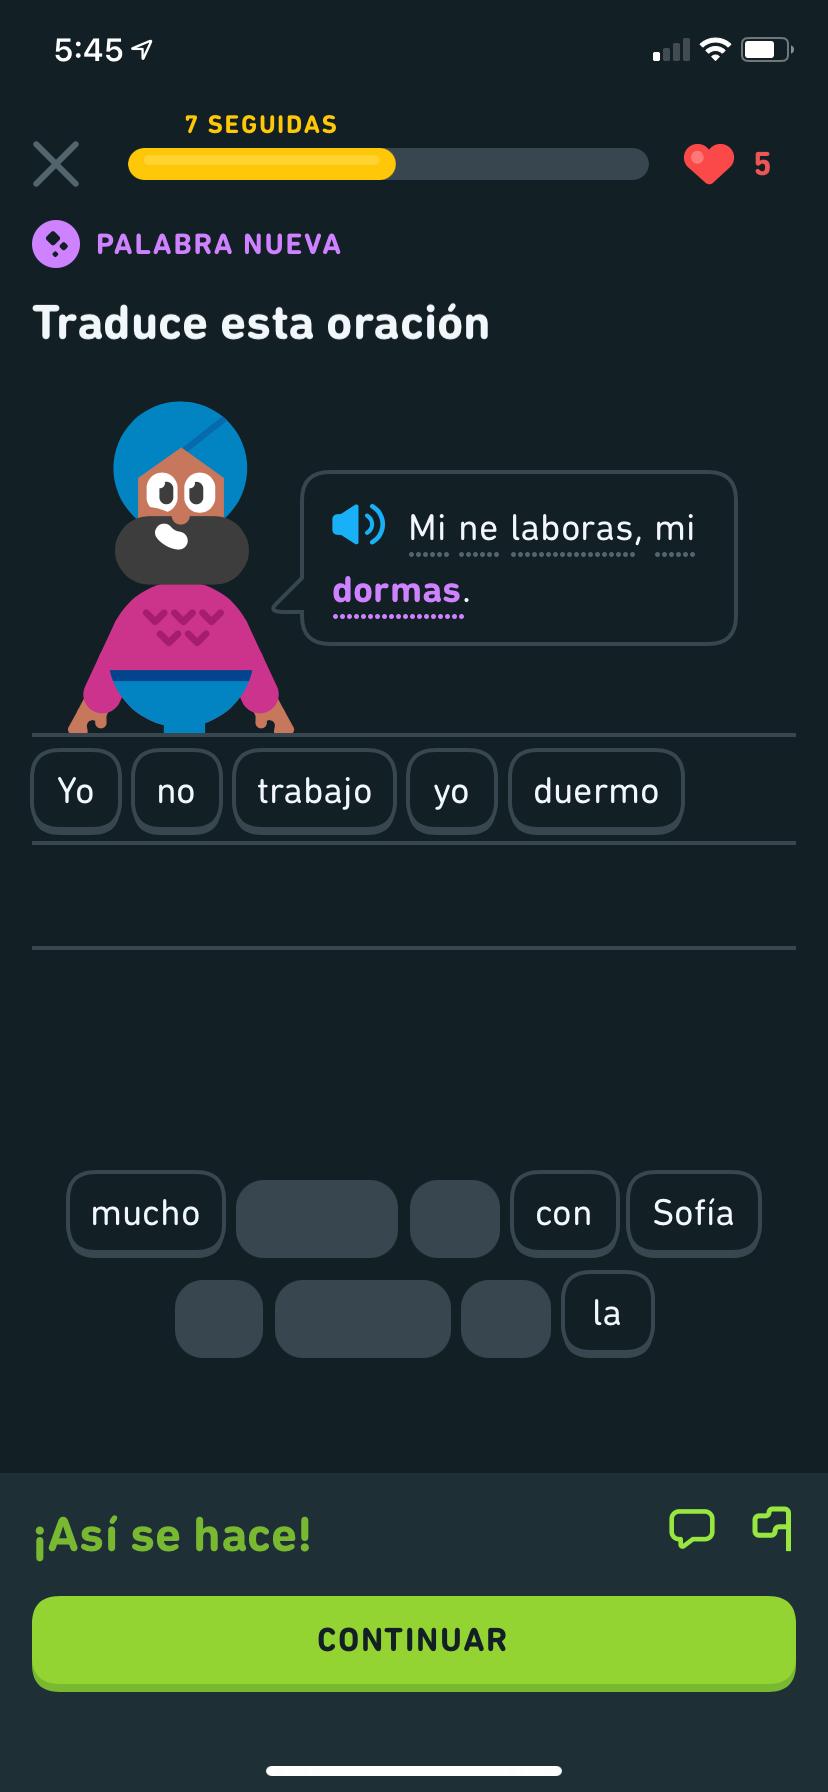 """Captura de pantalla de un ejercicio del curso de esperanto de Duolingo. El personaje de Duolingo, Vikram, dice en esperanto: """"Mi ne laboras, mi dormas"""", que significa """"Yo no trabajo, yo duermo"""", y la traducción está en un banco de palabras justo abajo."""